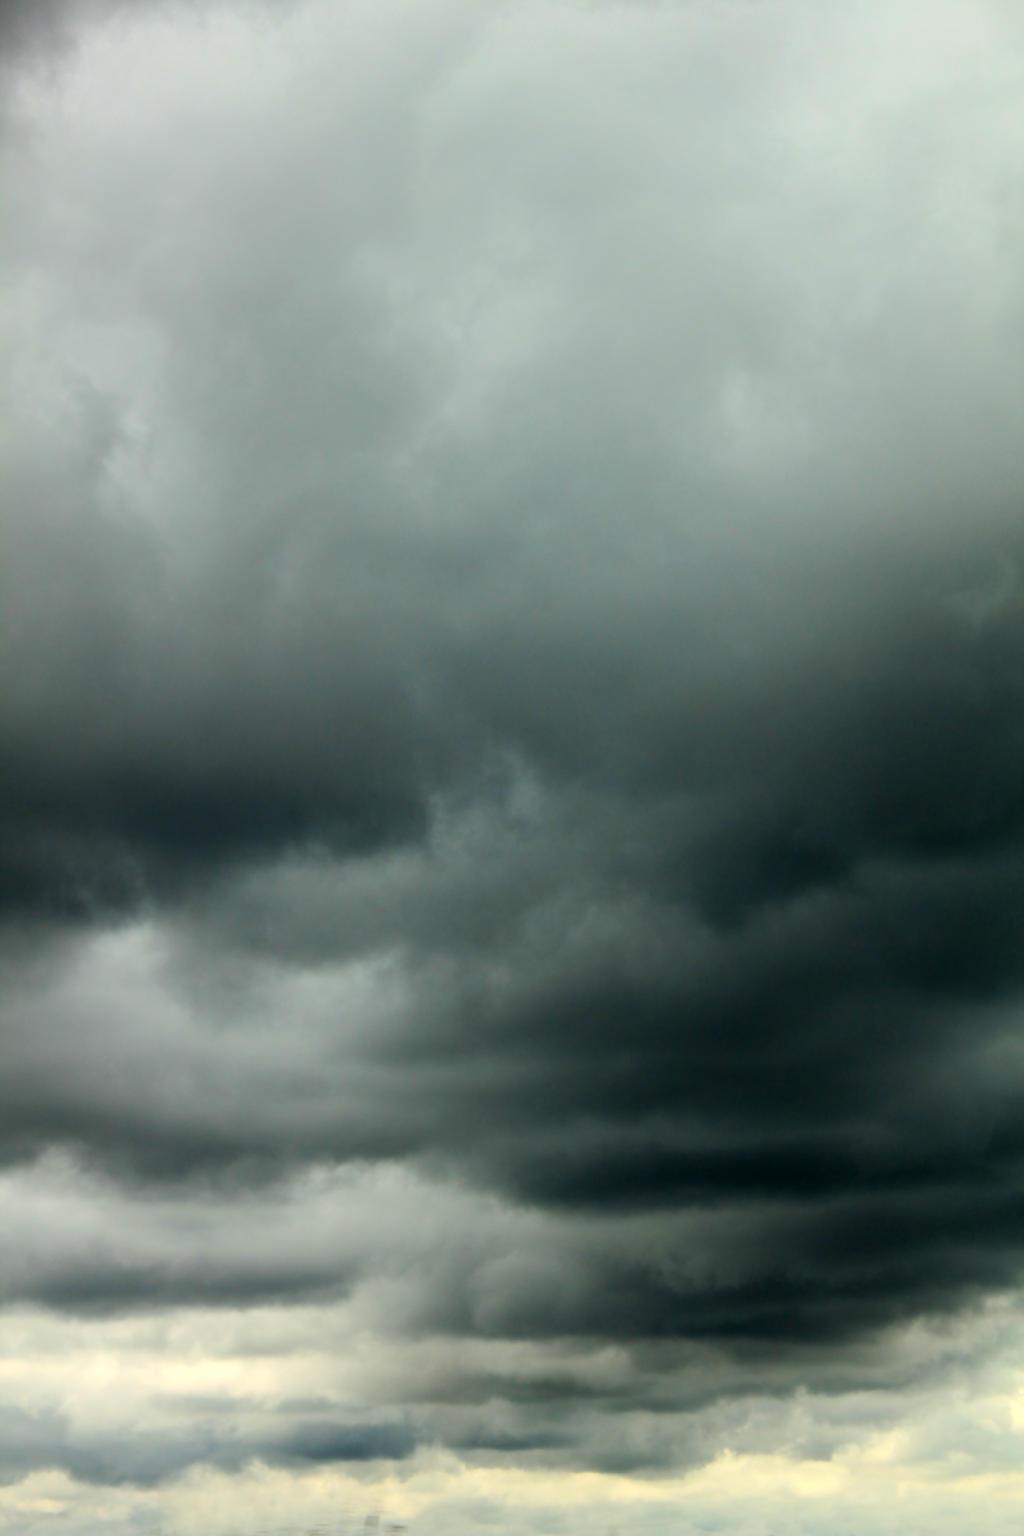 Storm Aug 2012